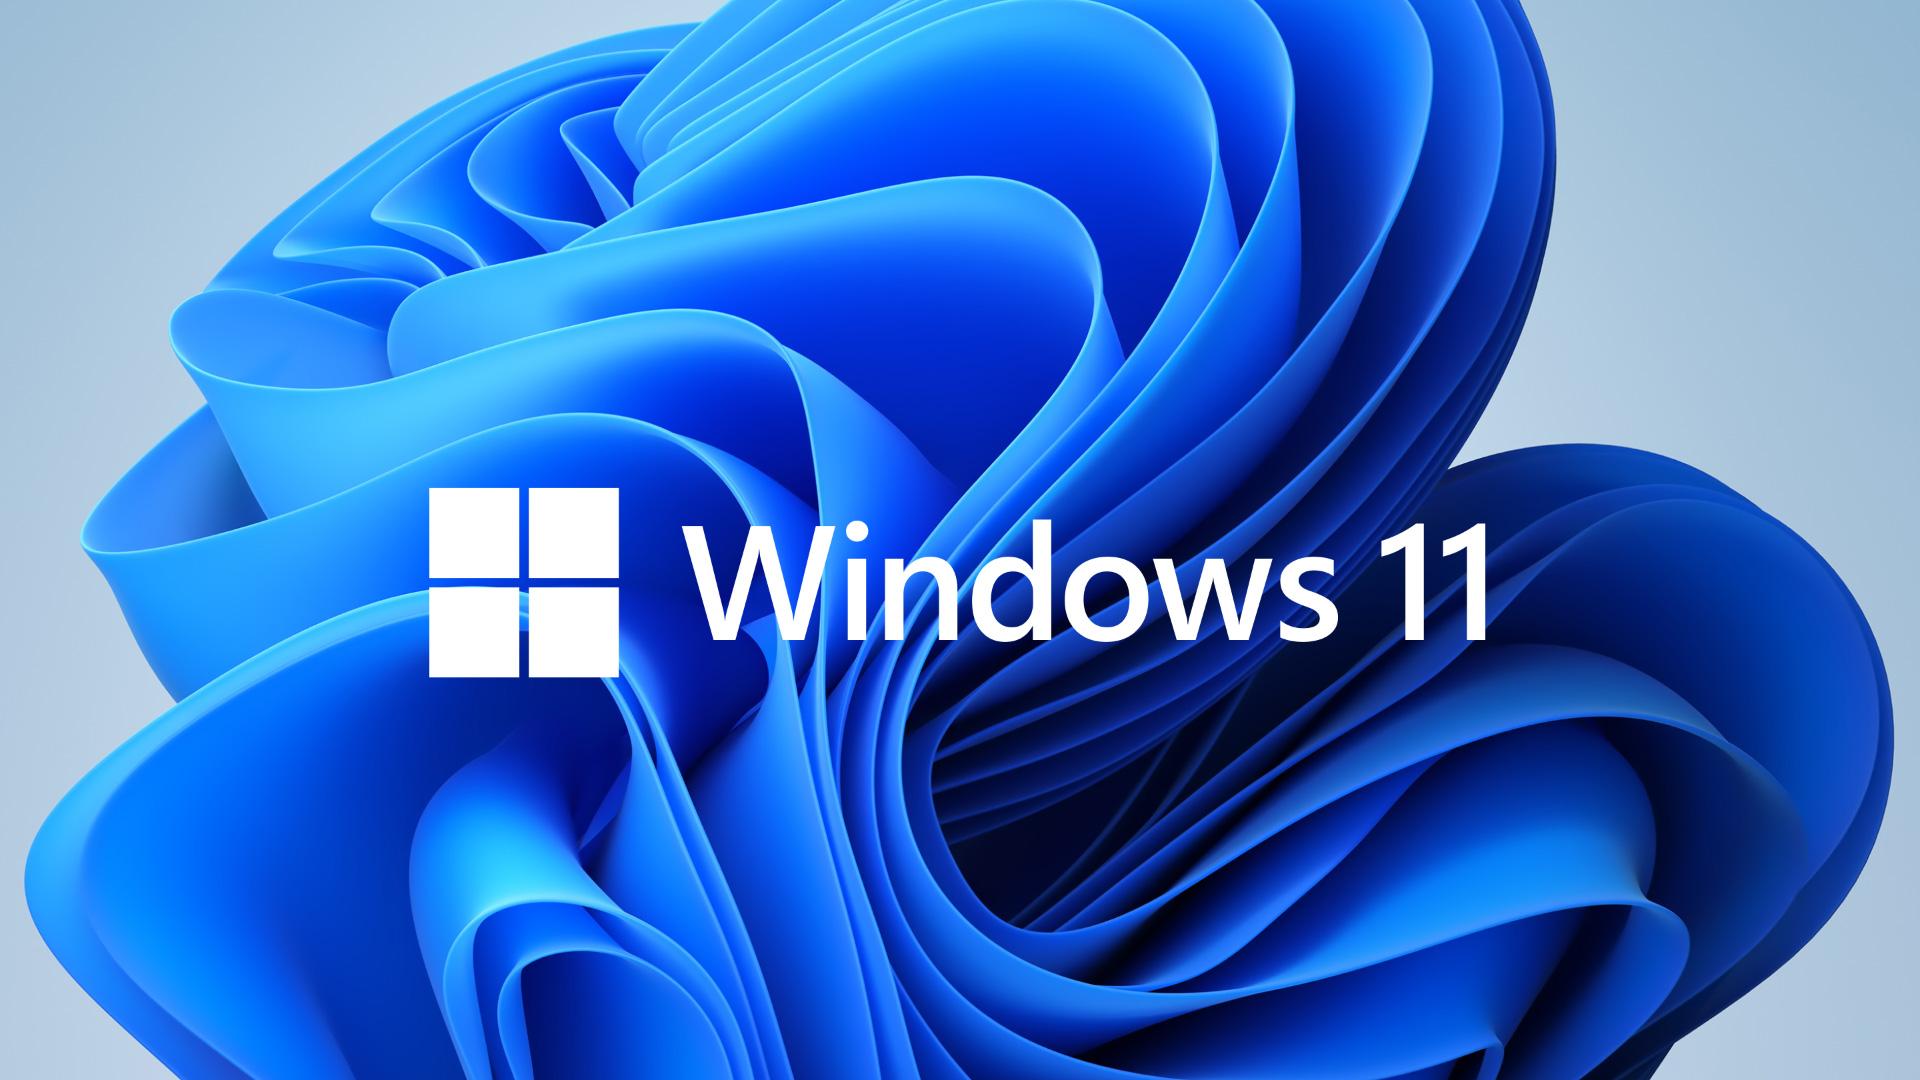 Logotip operacijskega sistema Windows 11 in dekorativno ozadje